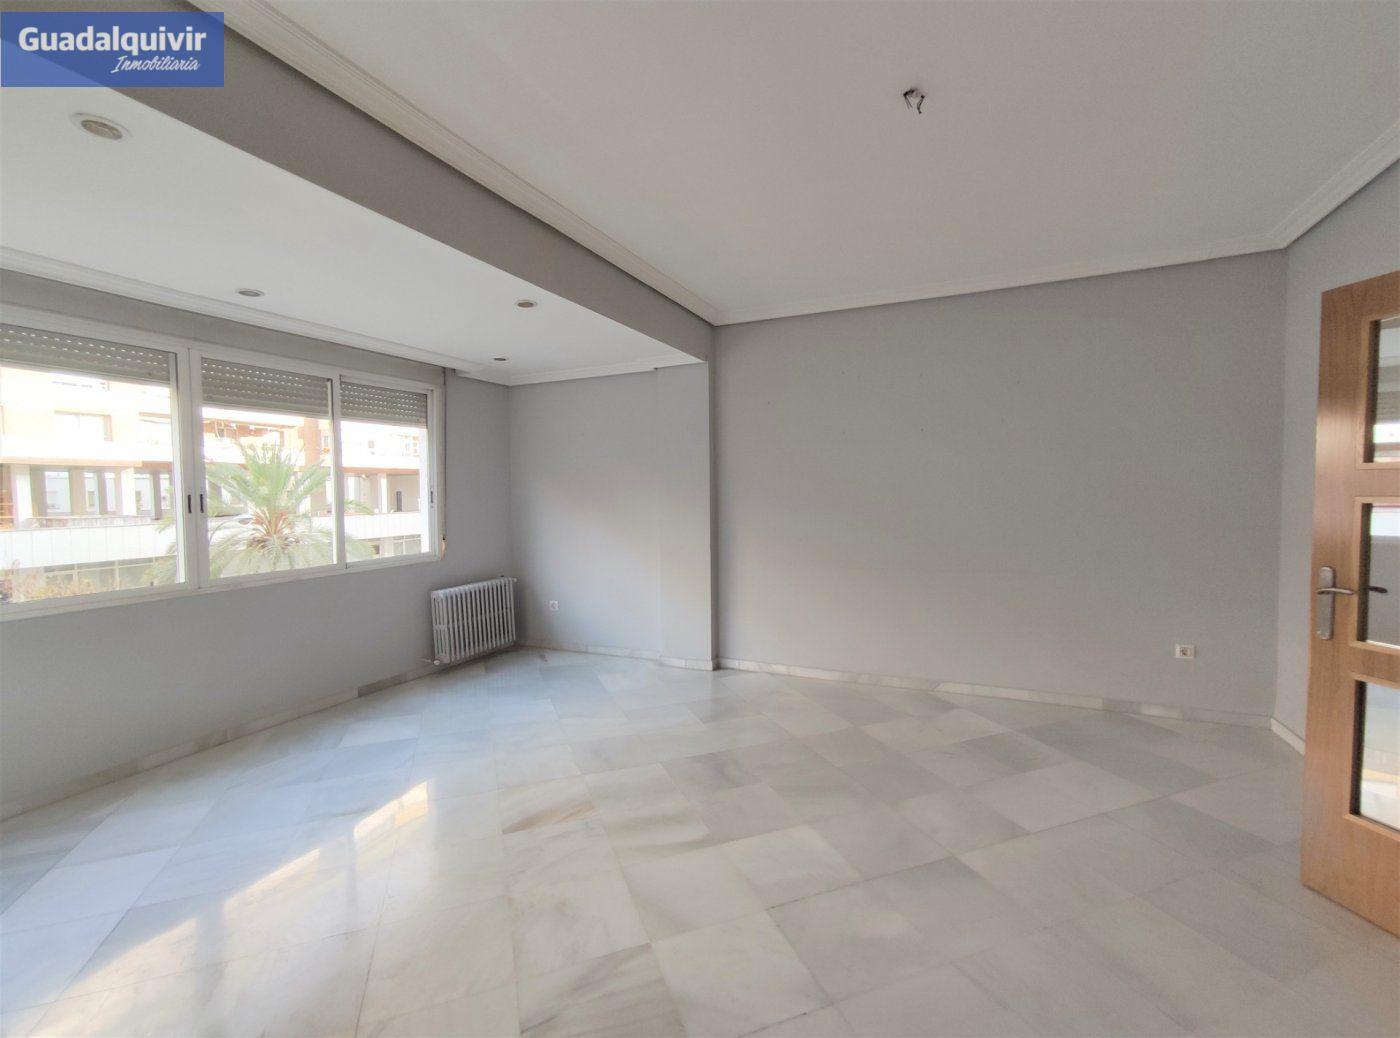 piso en sevilla · plaza-de-cuba---republica-argentina 487000€